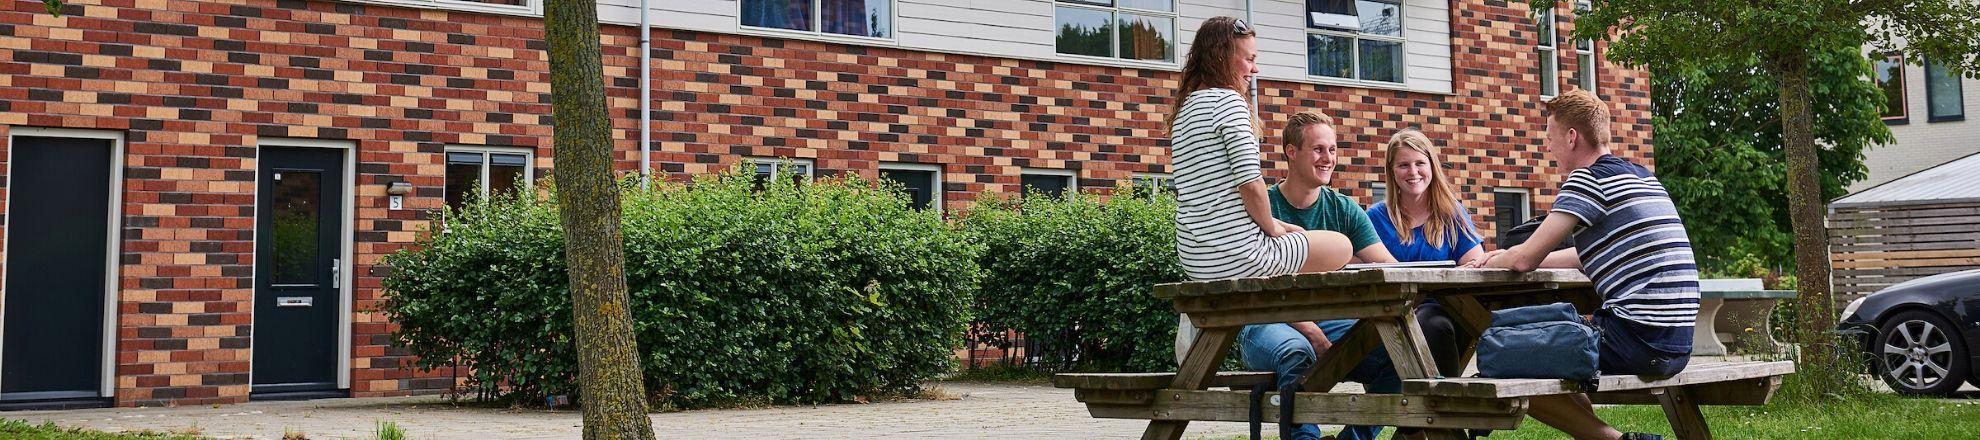 Studenten campus studentenhuisvesting Aeres Hogeschool Dronten